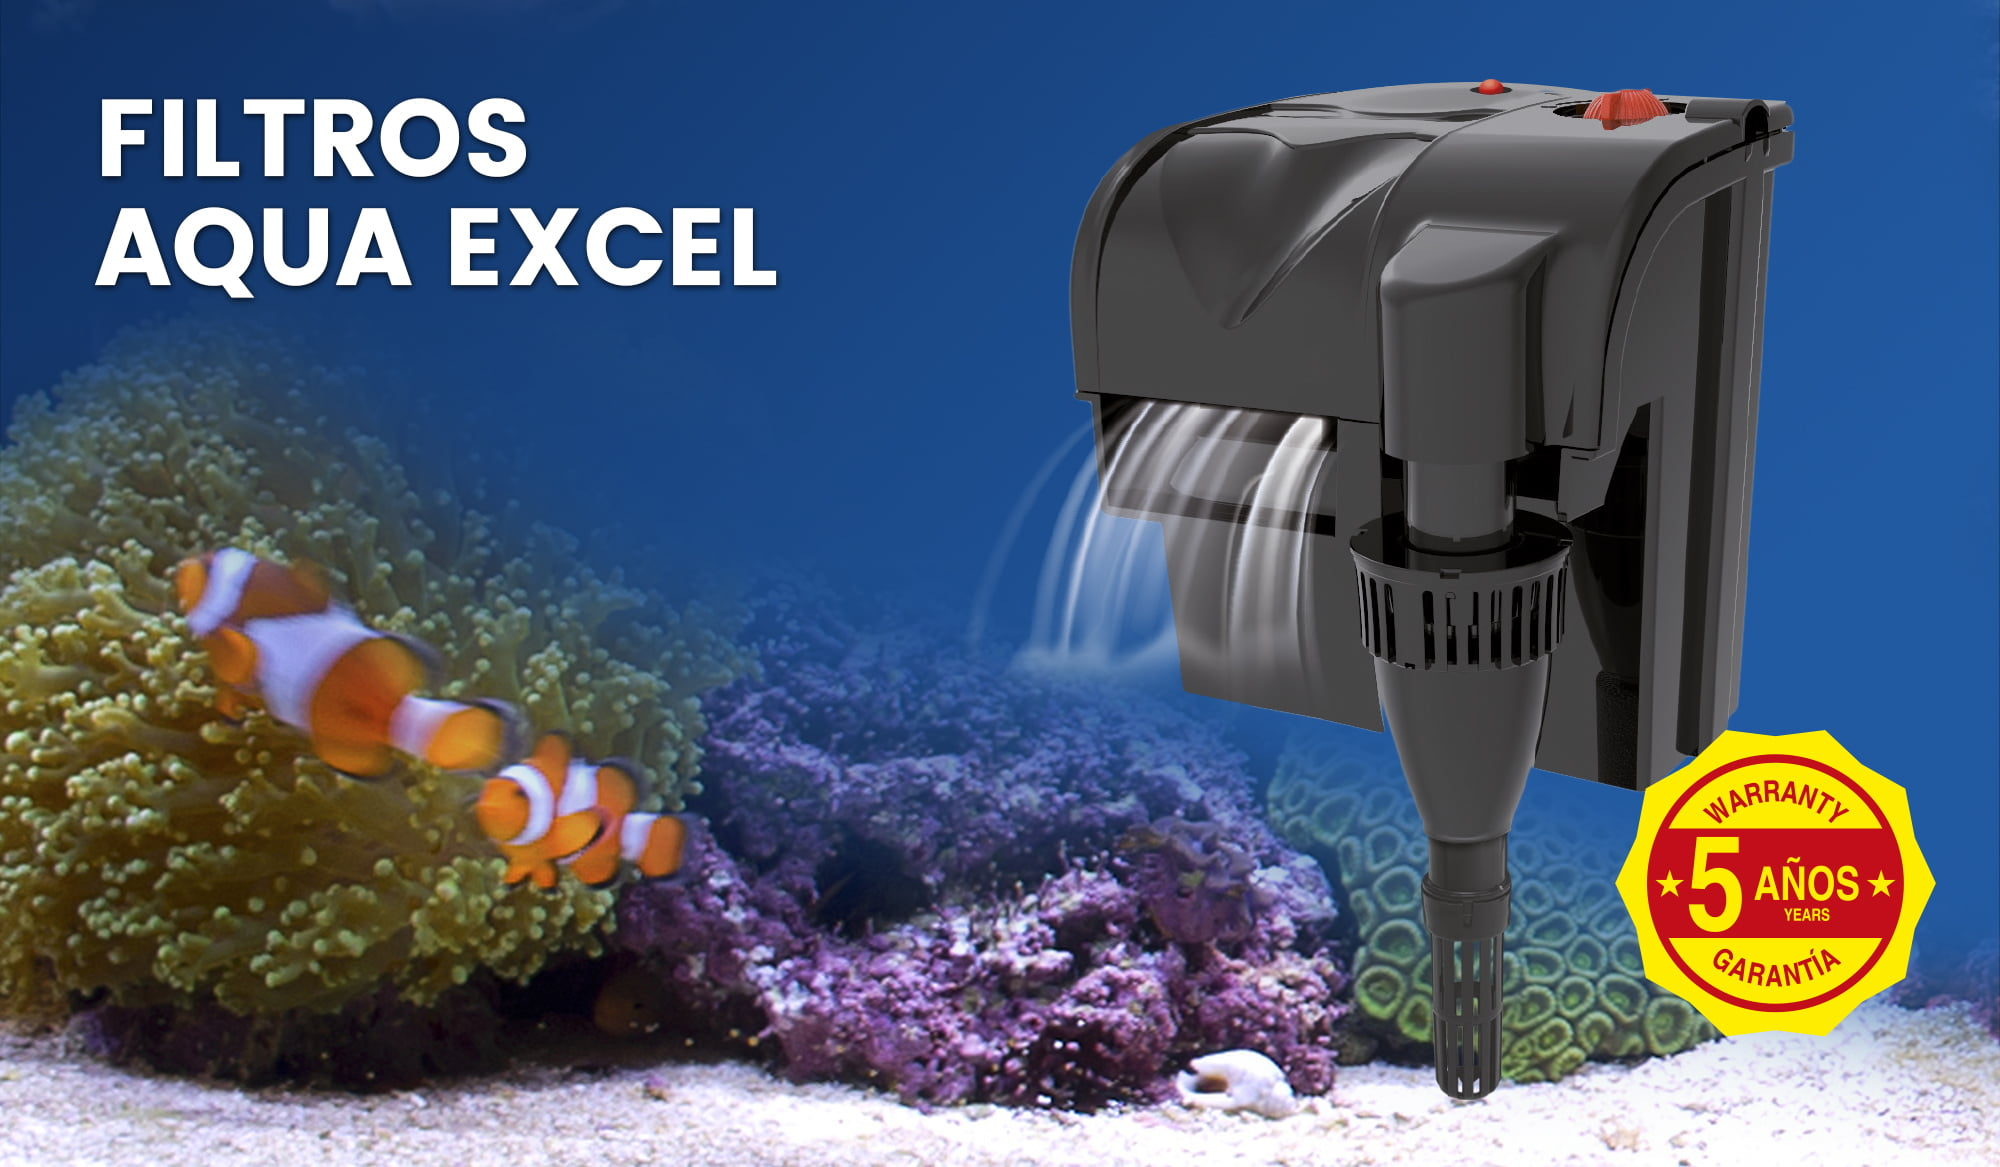 Filtros Aqua Excel